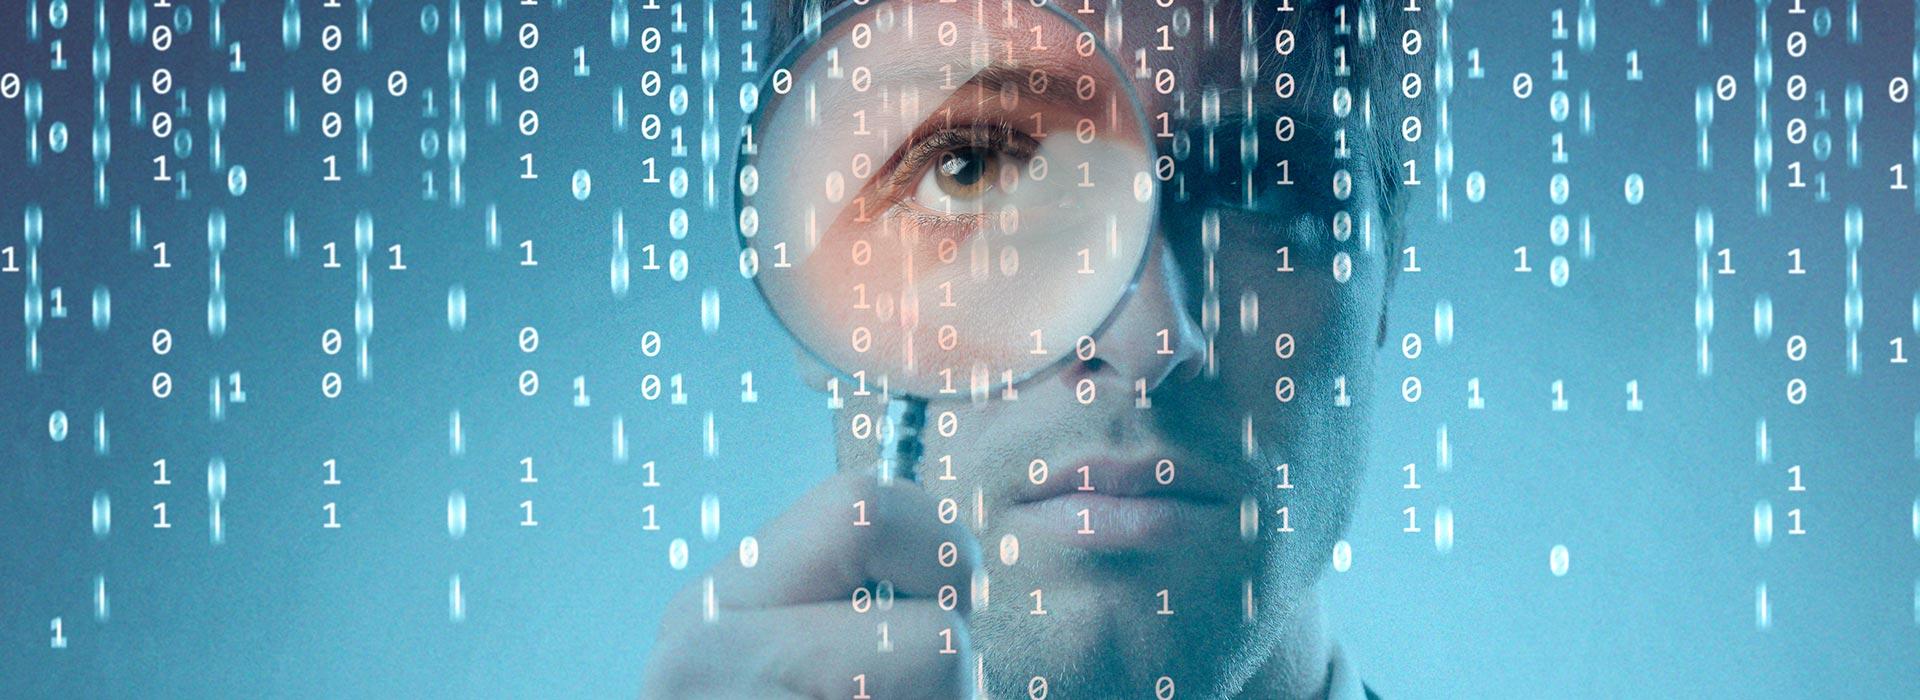 Artículos y noticias de actualidad sobre Big Data para aprovechar los datos del usuarios para crear nuevos servicios comerciales y fidelizar al cliente.